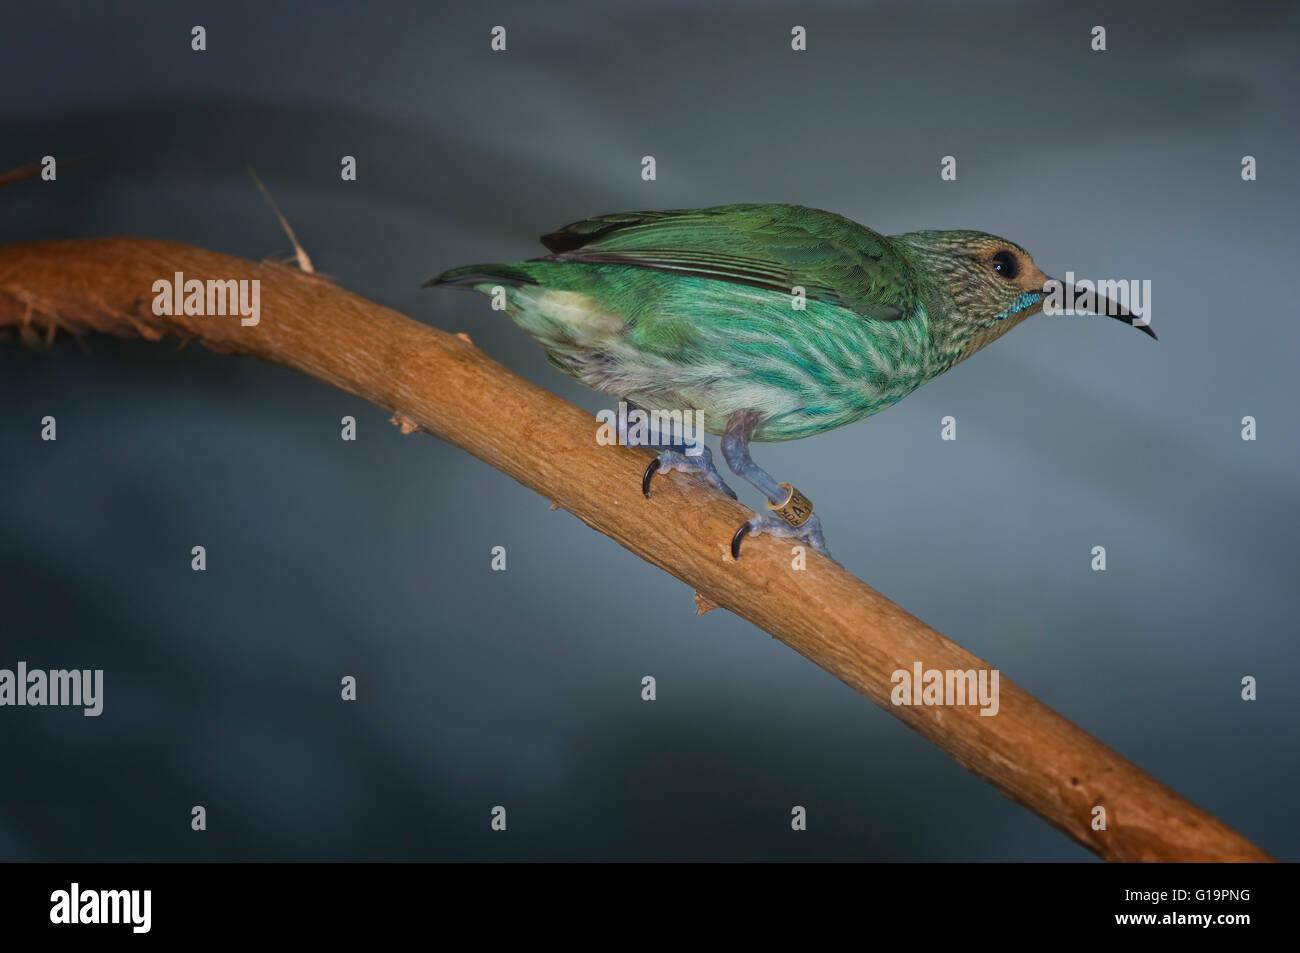 Humming-bird, assis sur bough Photo Stock